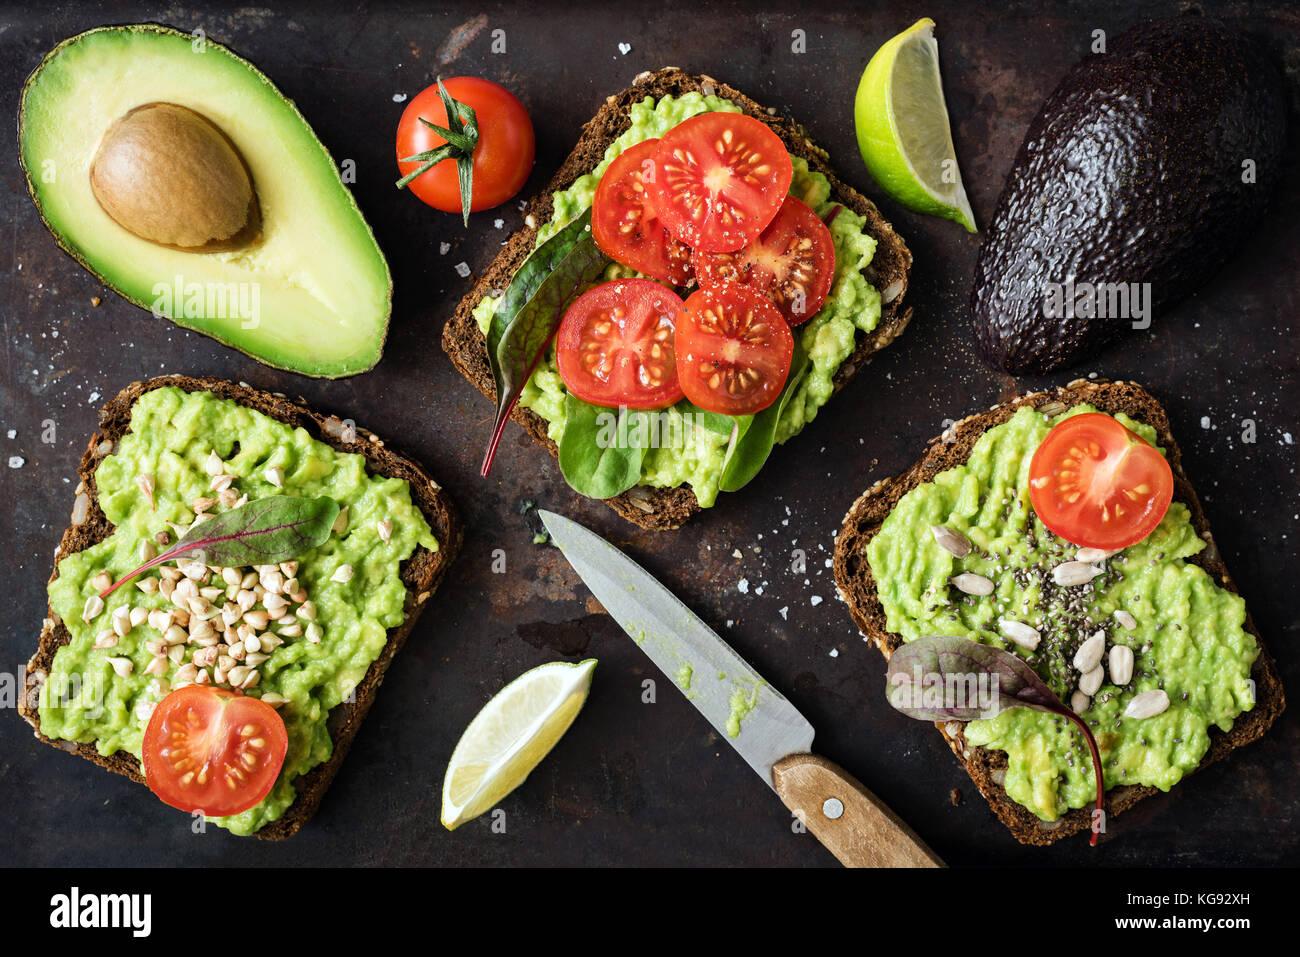 Verde sano veggie toast con avocado, pomodoro, germogli e semi sul buio backgrop. tabella vista dall'alto. cibo Immagini Stock